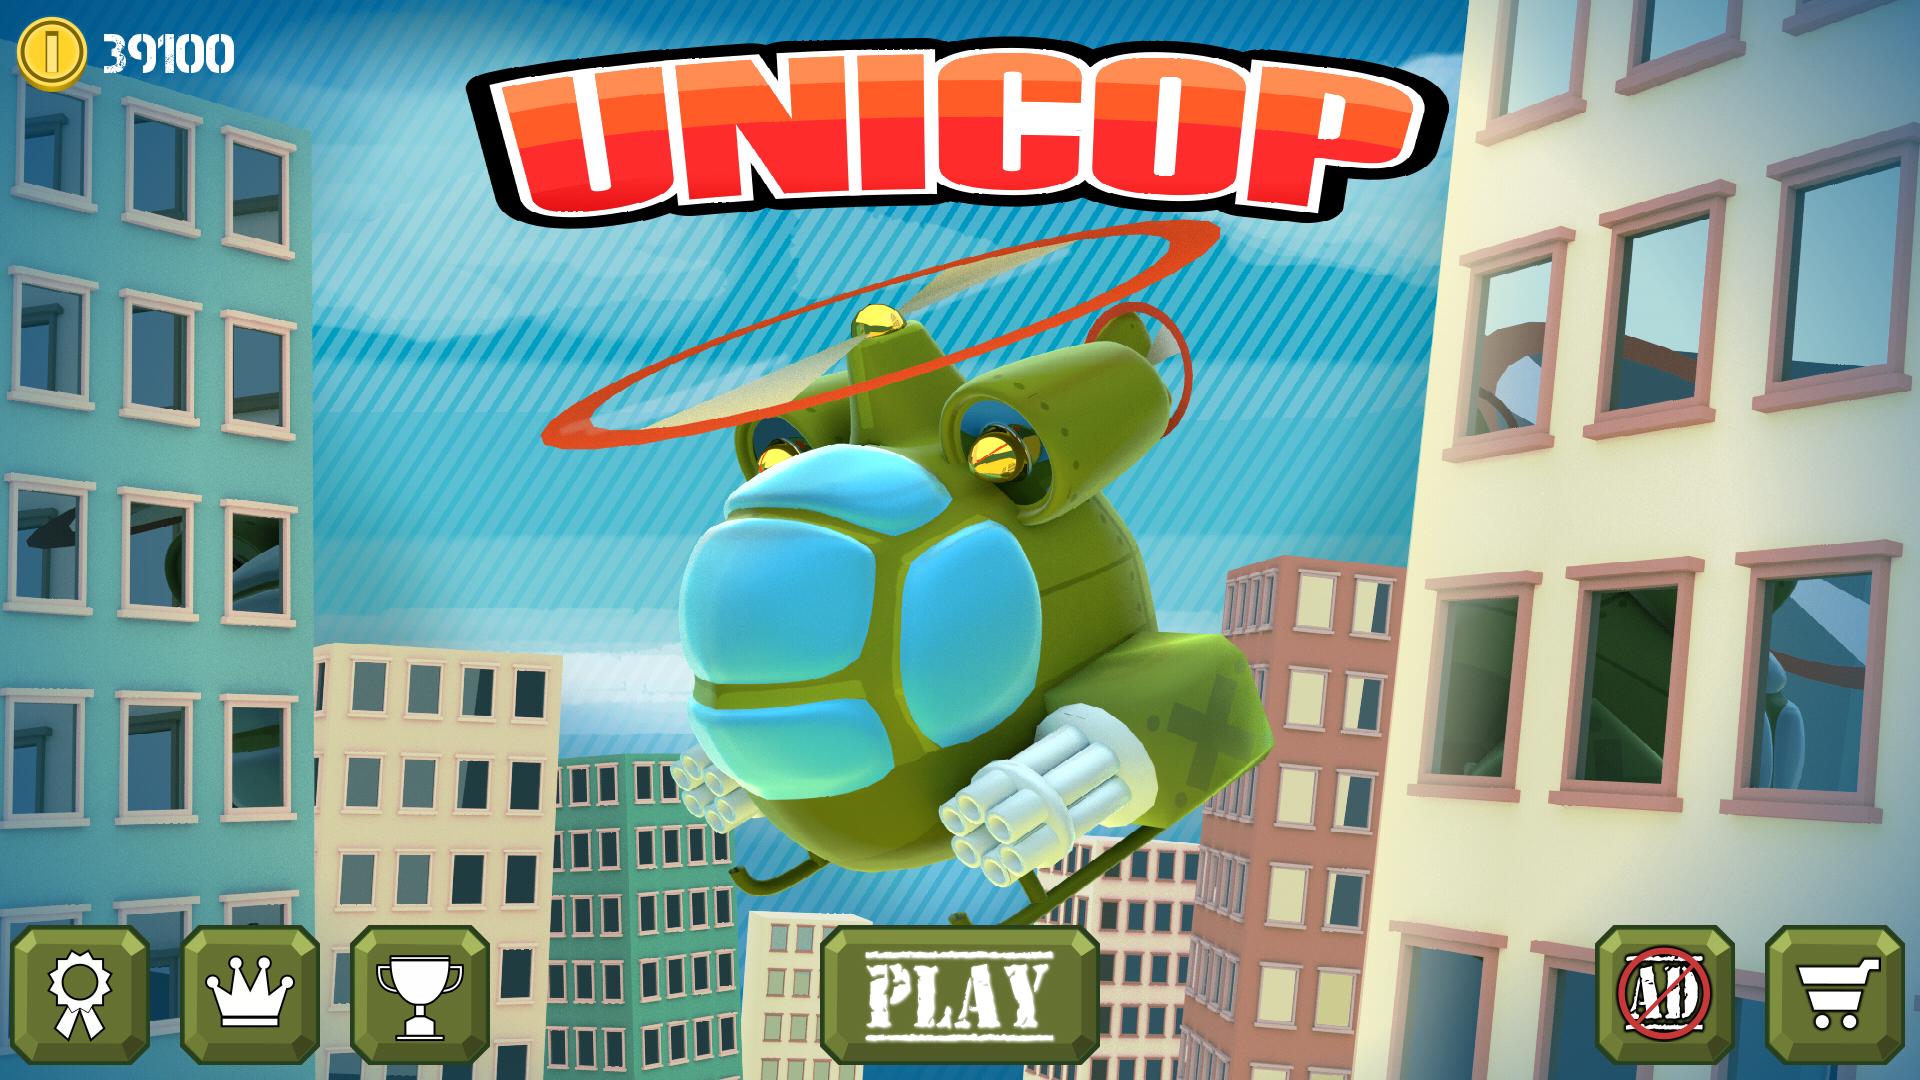 Unicop